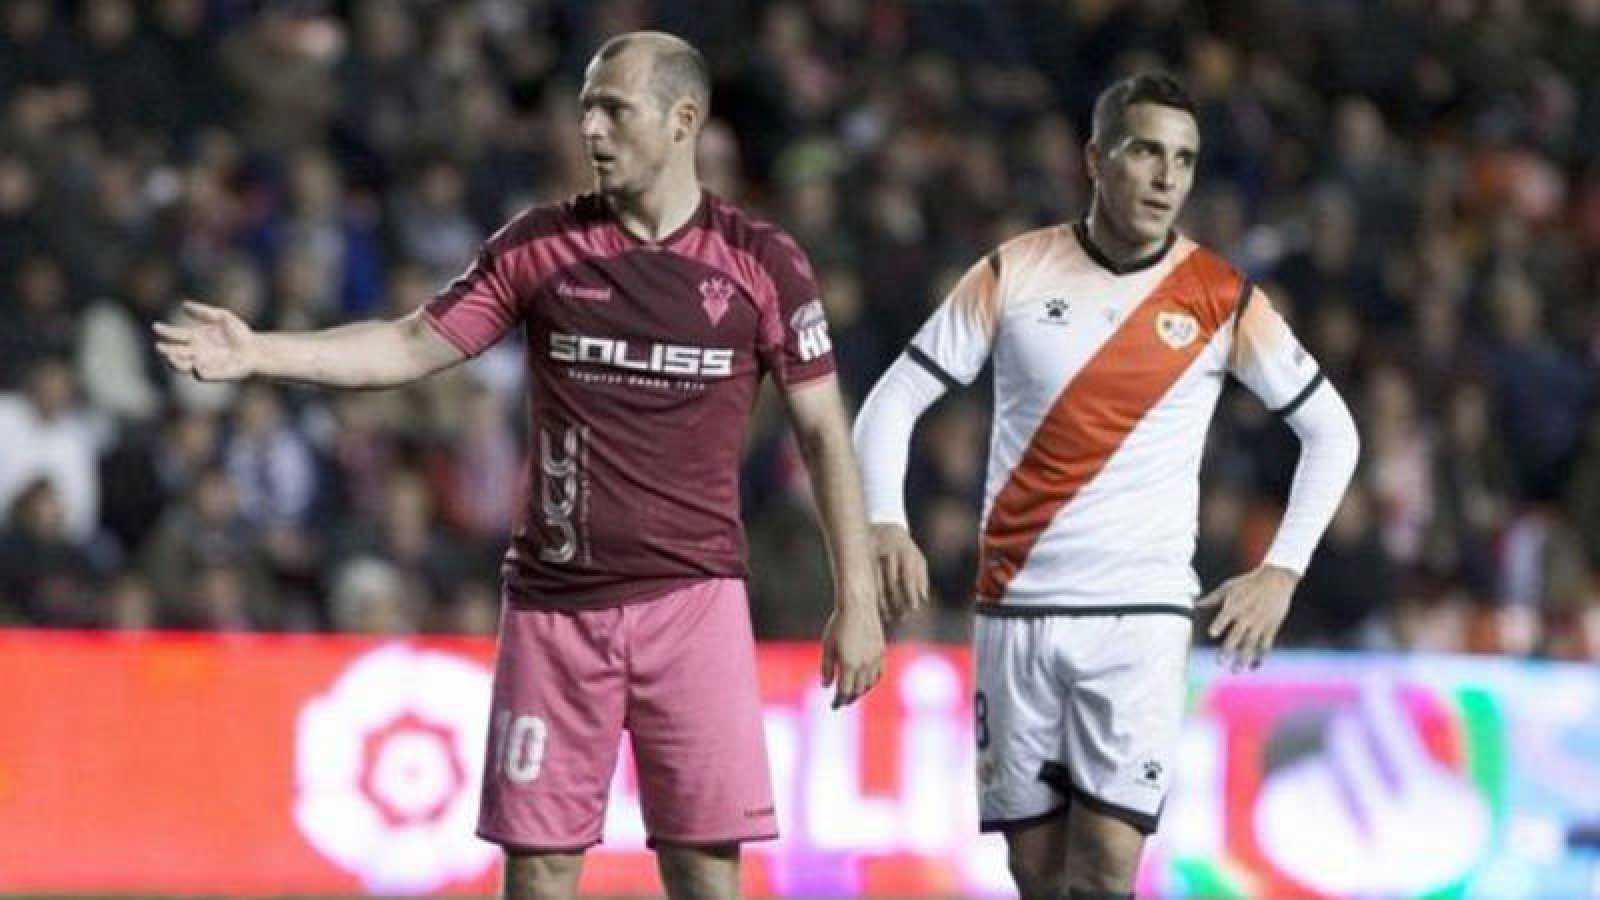 Imagen del jugador del Albacete Roman Zozulia en su partido ante el Rayo Vallecano.